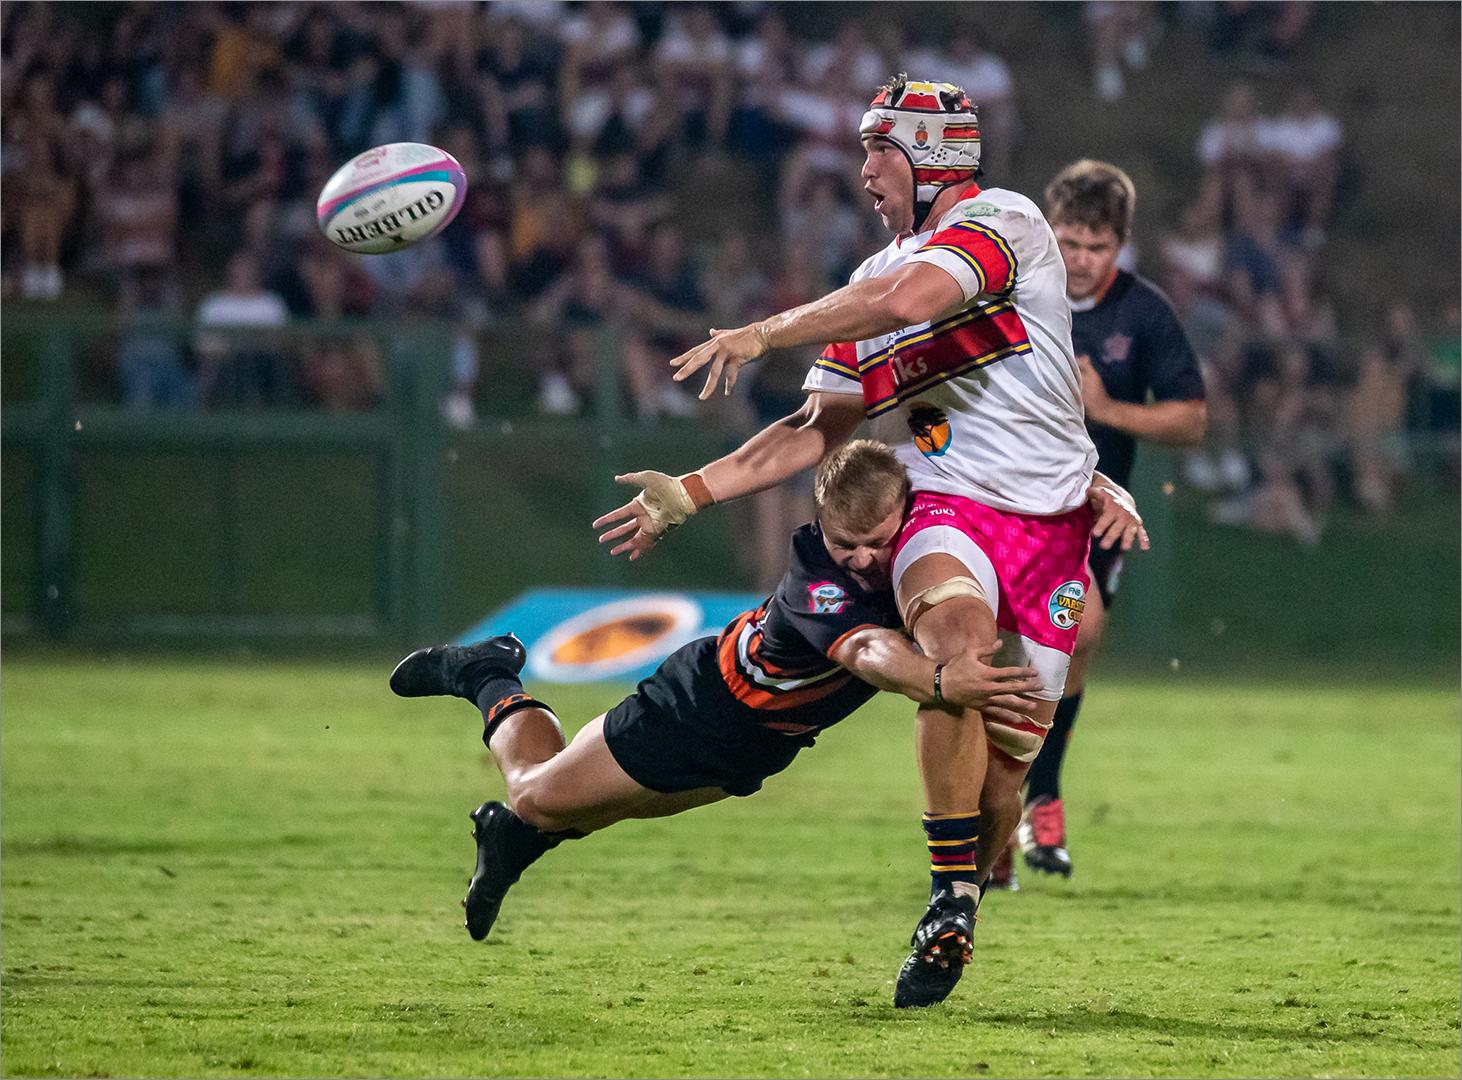 Flying tackle – Frans Smit